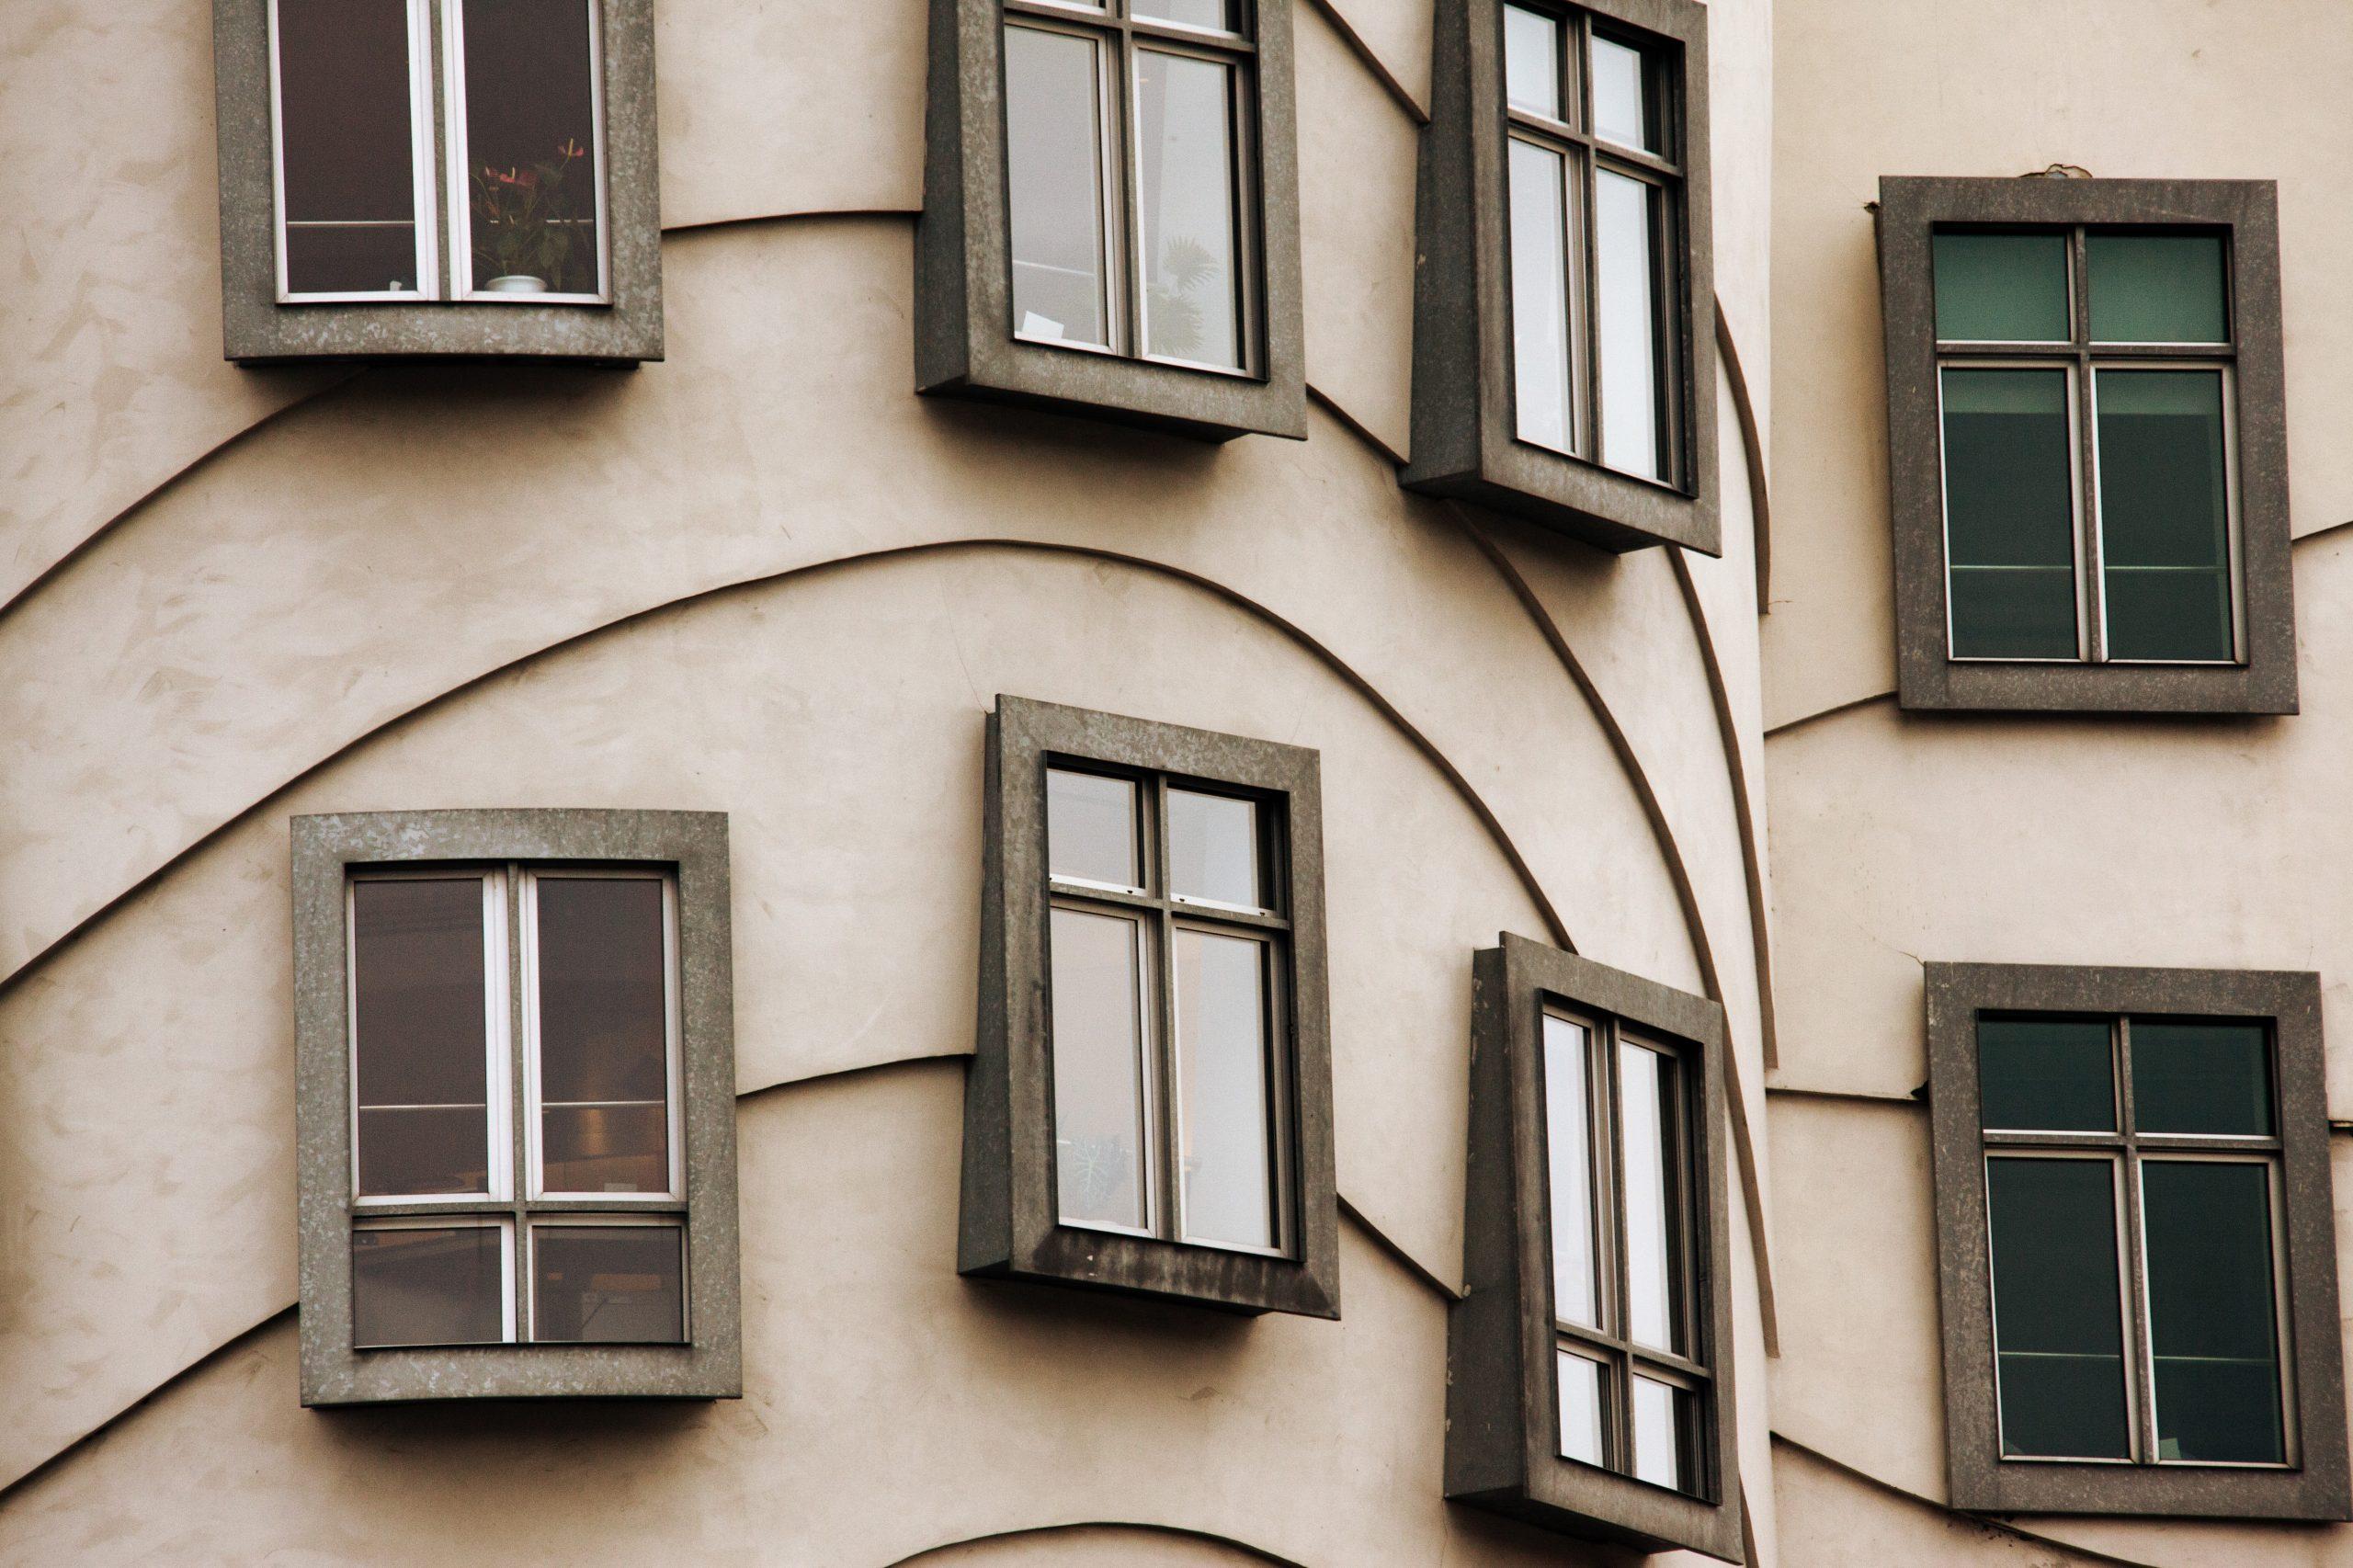 Edificio con ventanas de diseño